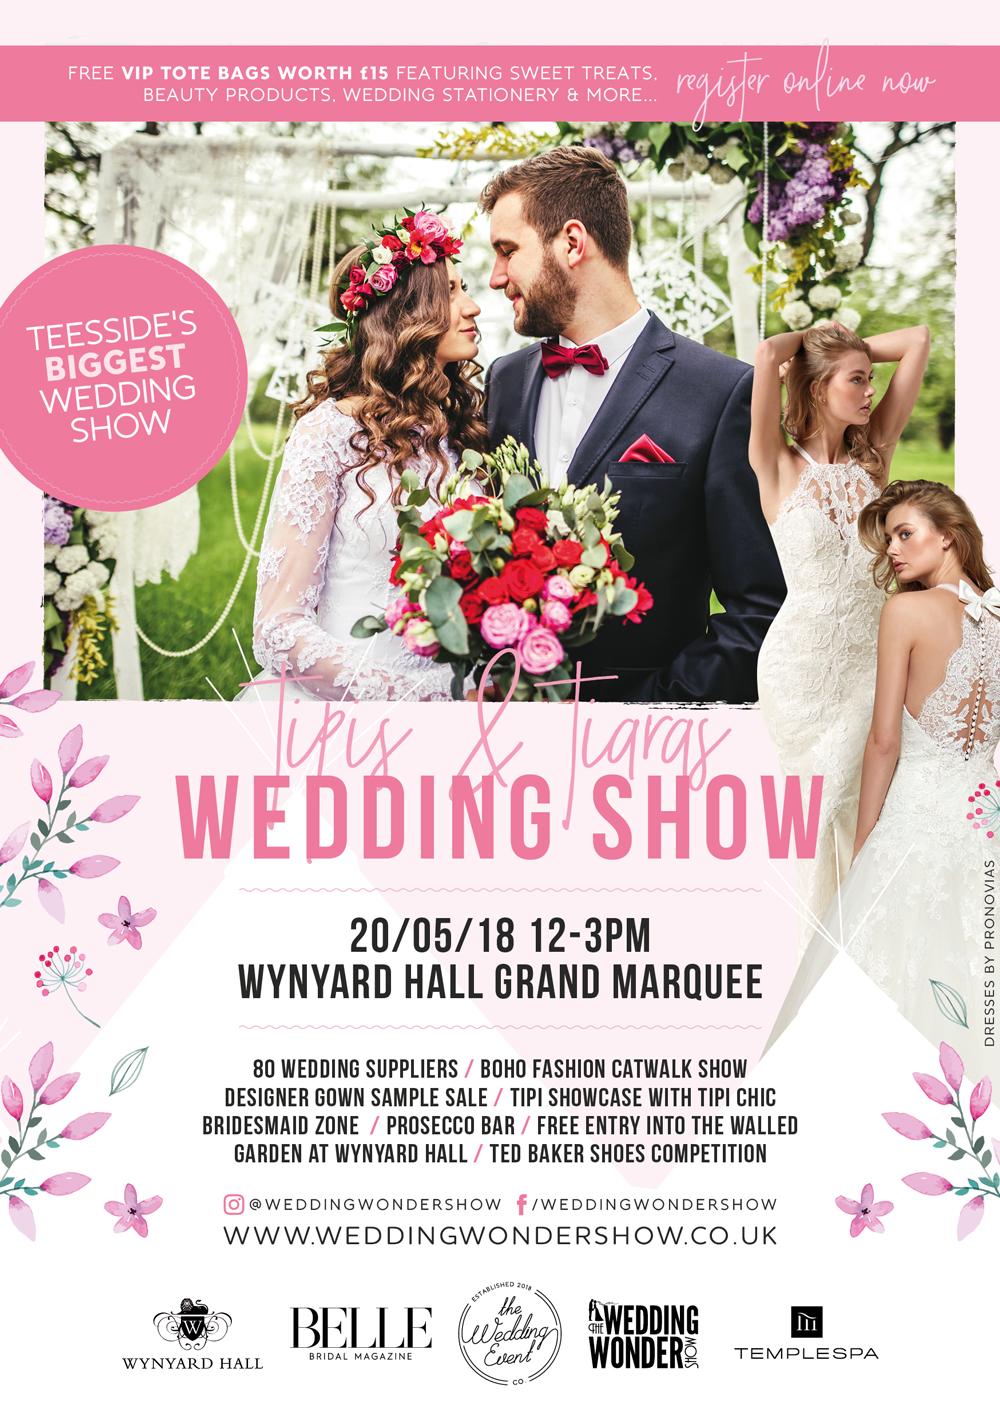 Wynyard Hall Wedding Show - 20th May 2018